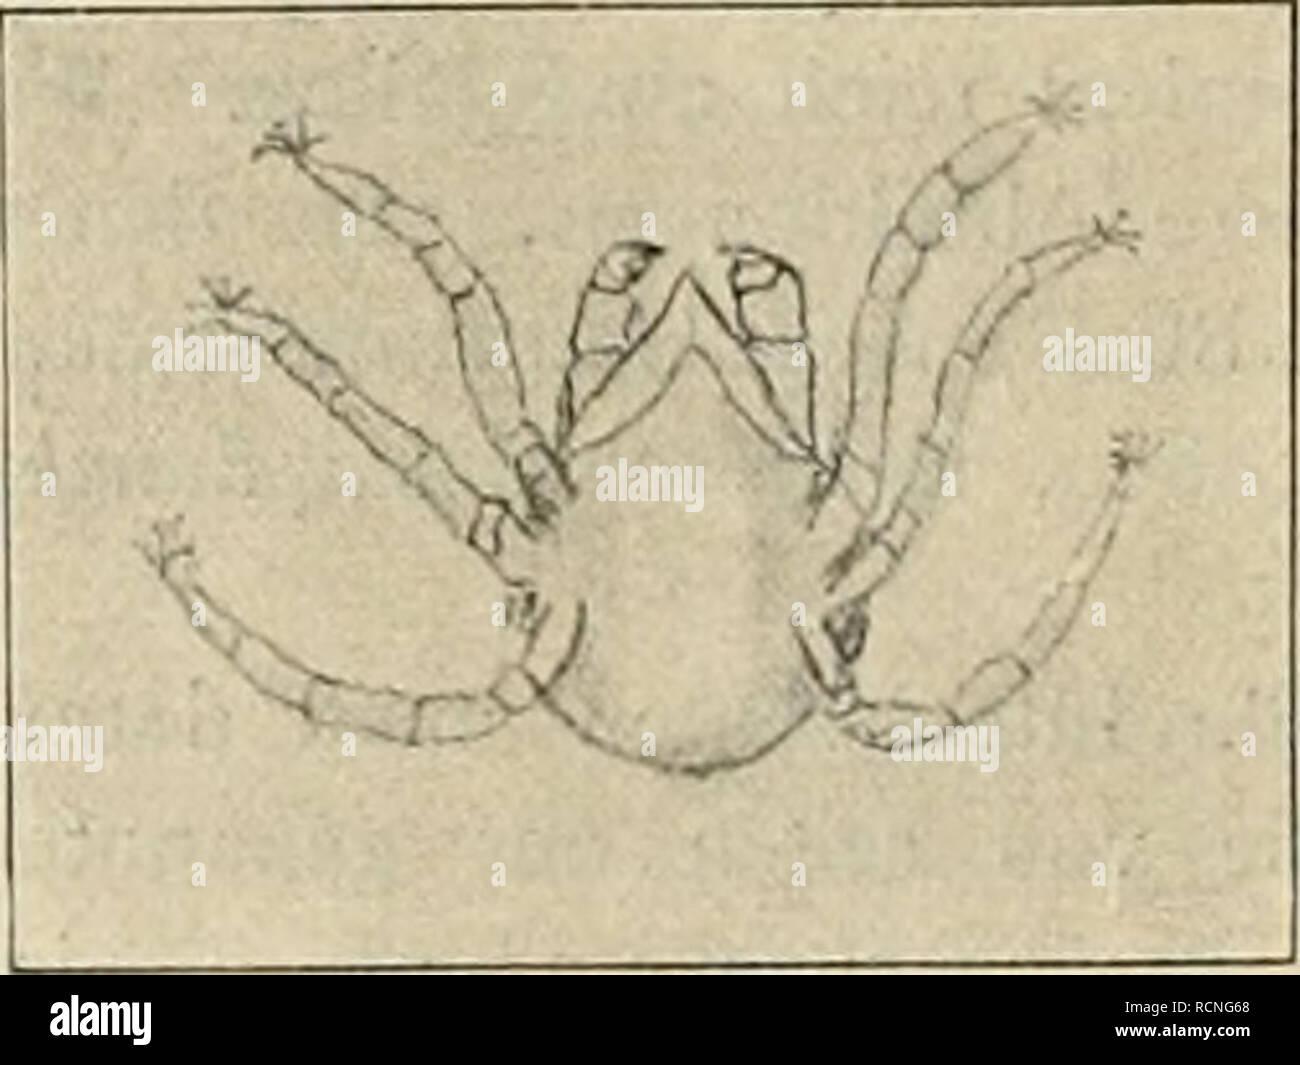 """. Die Gartenwelt. Jardinería. r-- """"^â X '.-- ' i -â â Weibchen un 4. Männchen. (Tetranychus lelarius Lindenspinnmilbe) 86 mal vergröfsert. günstigen äufseren die Bedingungen Bevölkerung eines mäfsig grofsen Lindenbaums auf Millionen von Individuen und kann, anwachsen dieser ungeheuren Zahlé von Konsumenten kann schliefs- lich die ganze stattliche Laubkrone zum Opfer caído. Trocknen Ihres Saftes beraubt, die Bläme jor zusammen; unfähig, ihrer als Aufgabe des Baumes Emährungsorgane weiter nachzukommen, sie als unnütze sinken schliefslich Glieder zu Boden. Ein Tier, das de manera augenfälli Foto de stock"""